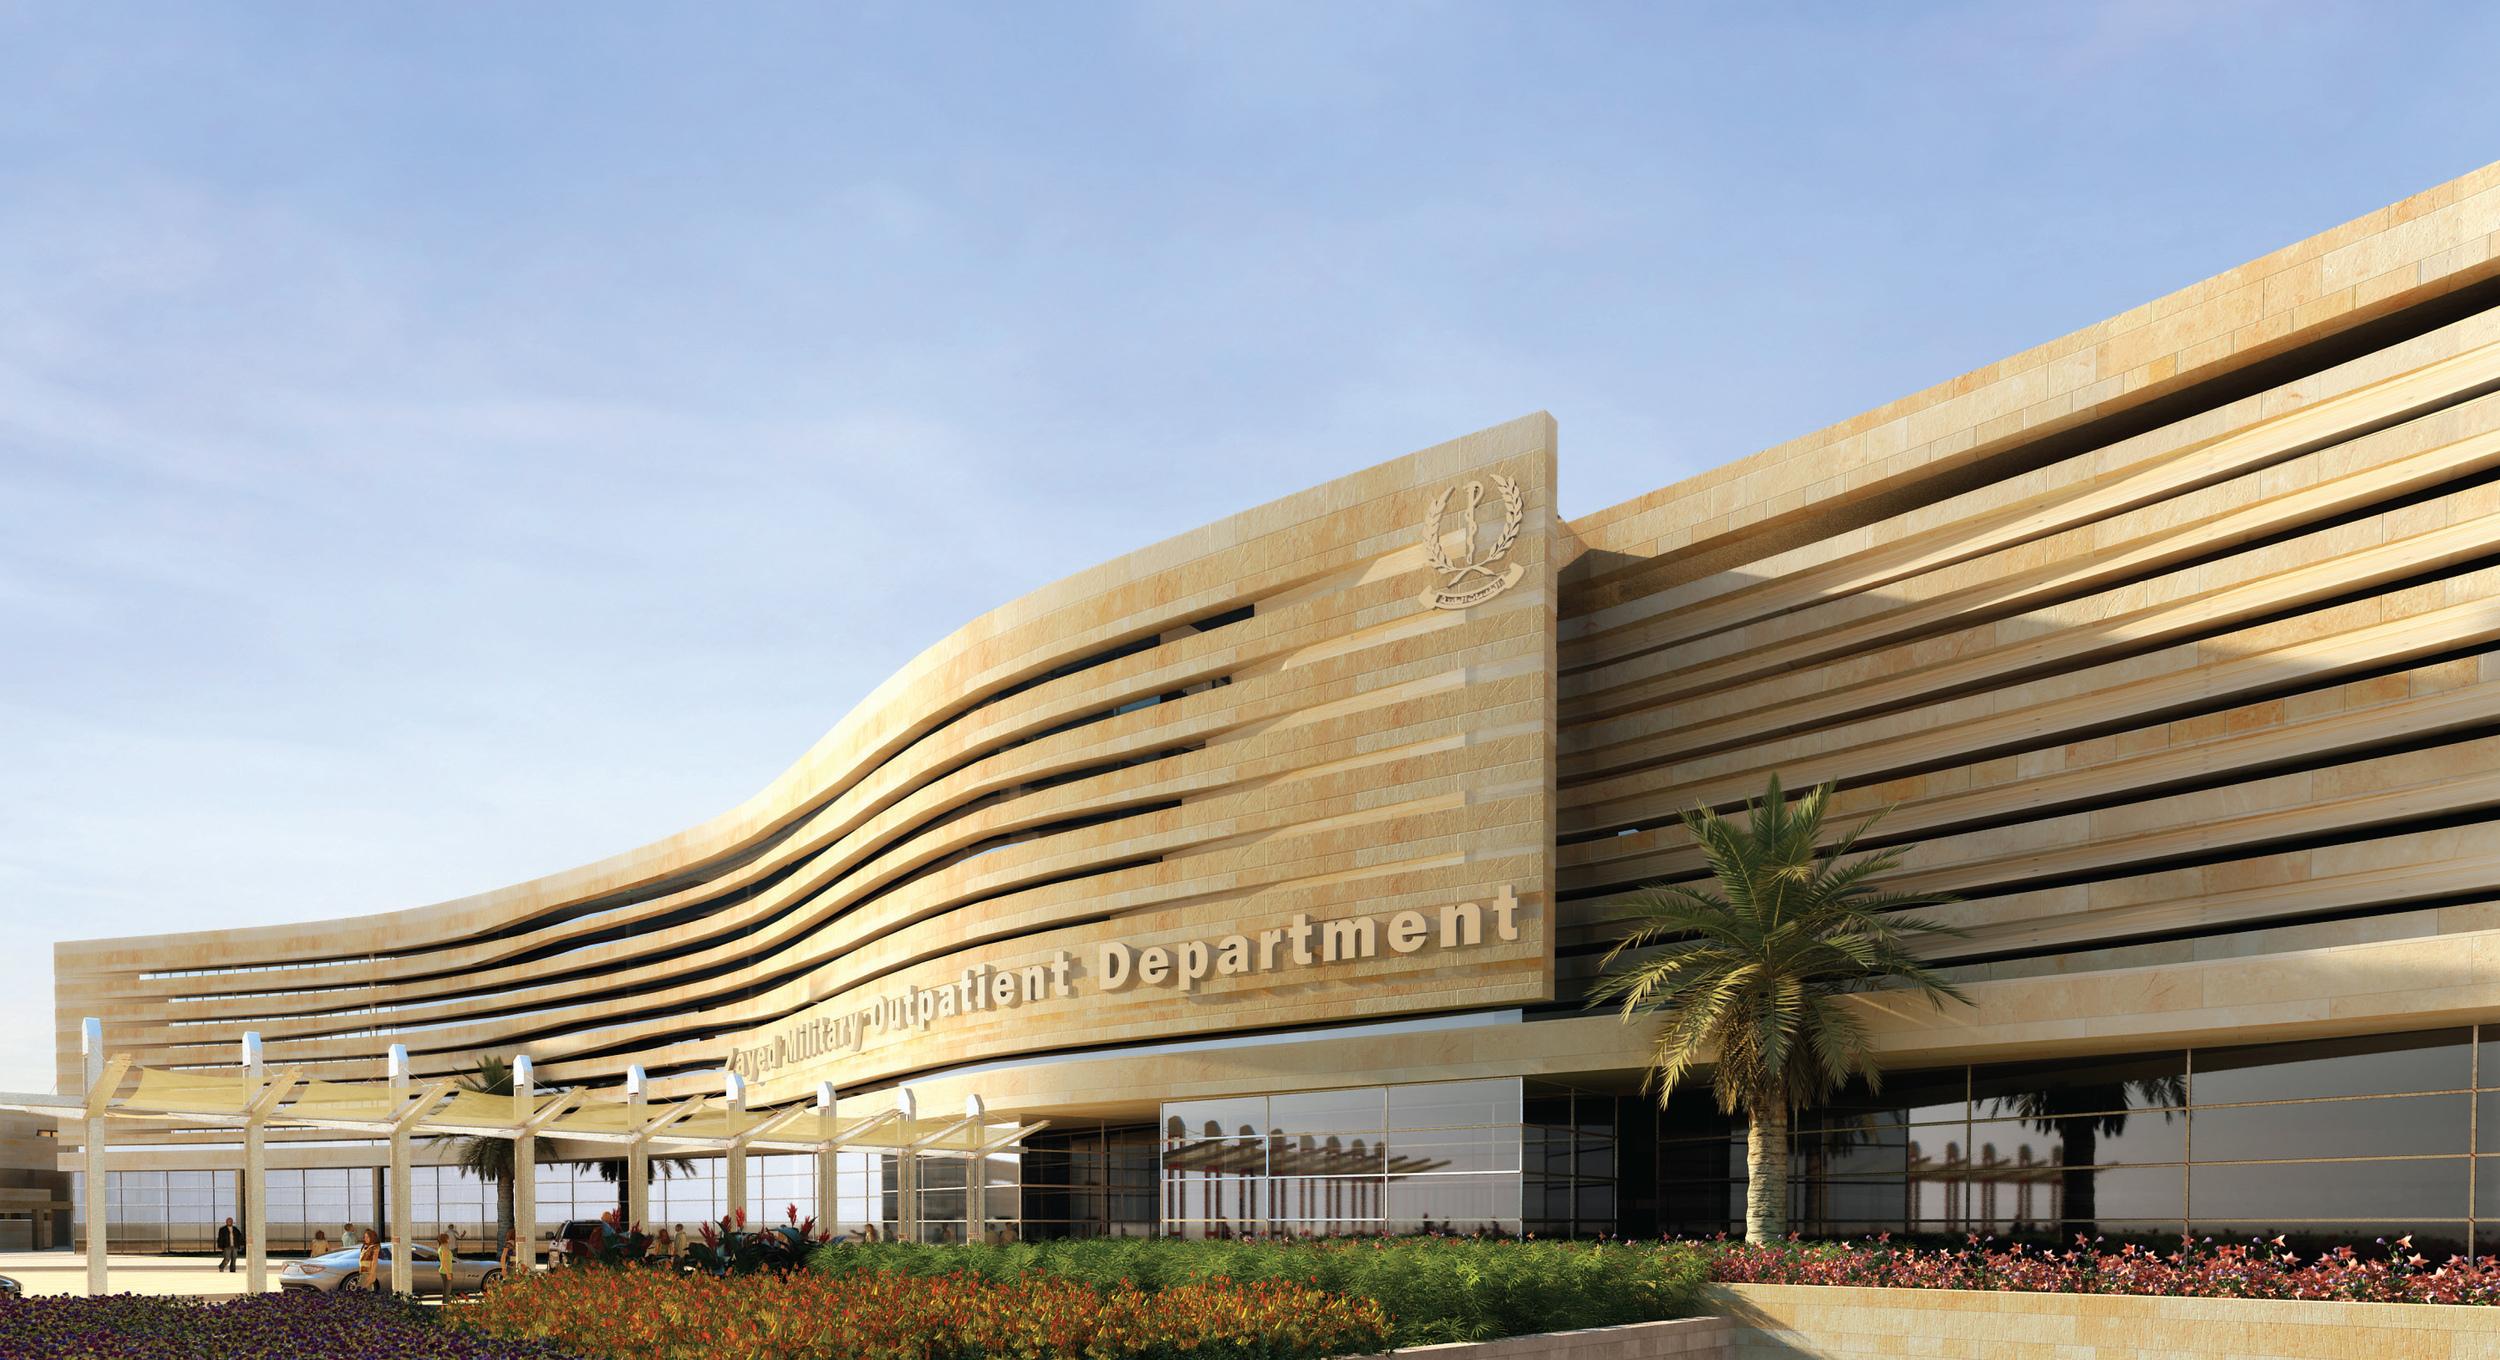 ZayedHospital_4.jpg